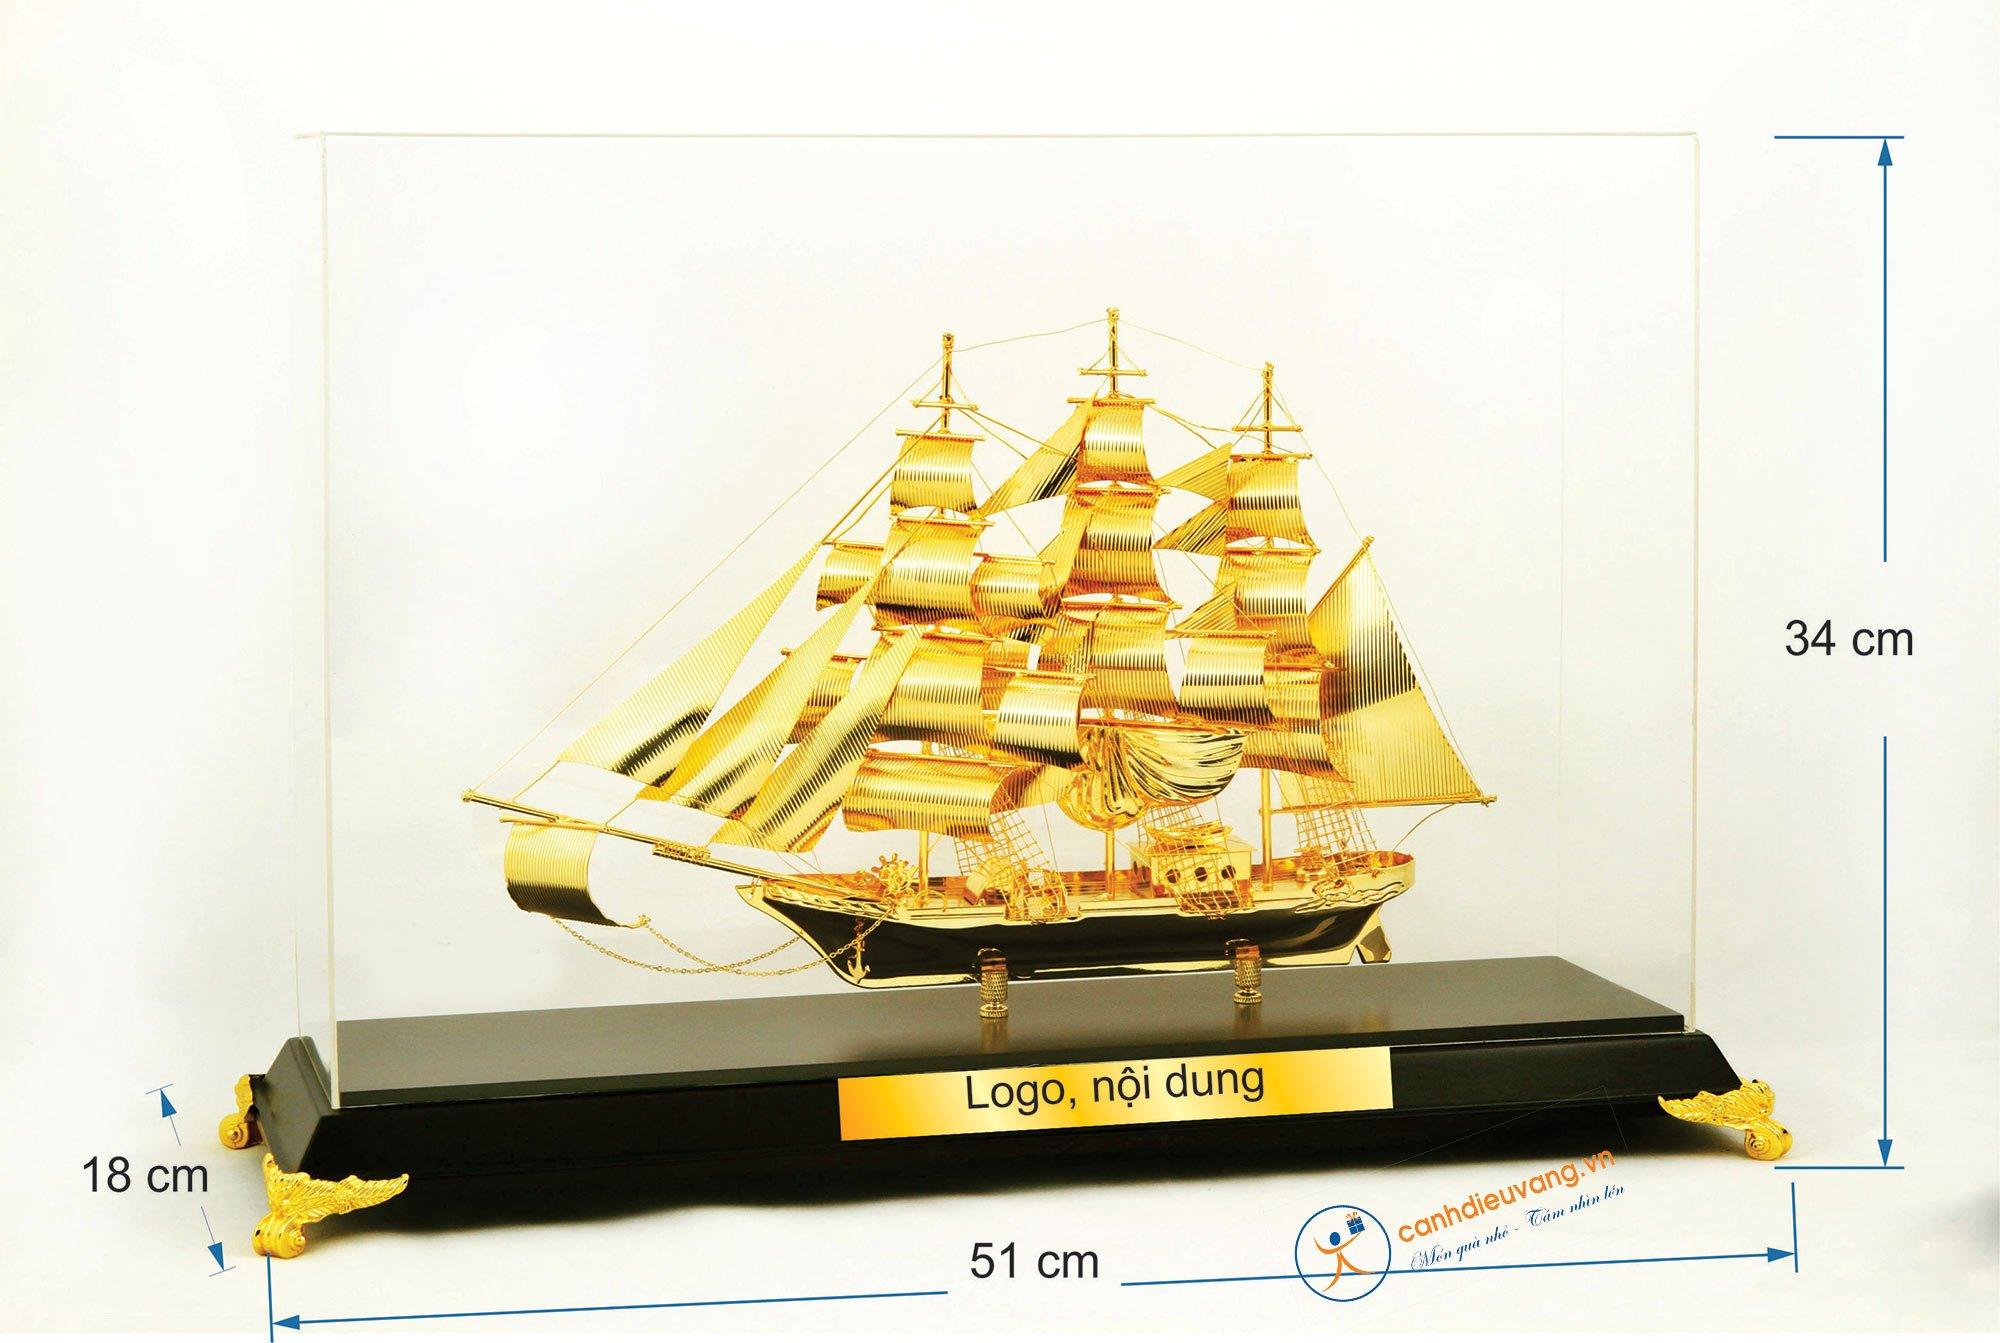 Thuyền buồm mạ vàng cỡ đại 45